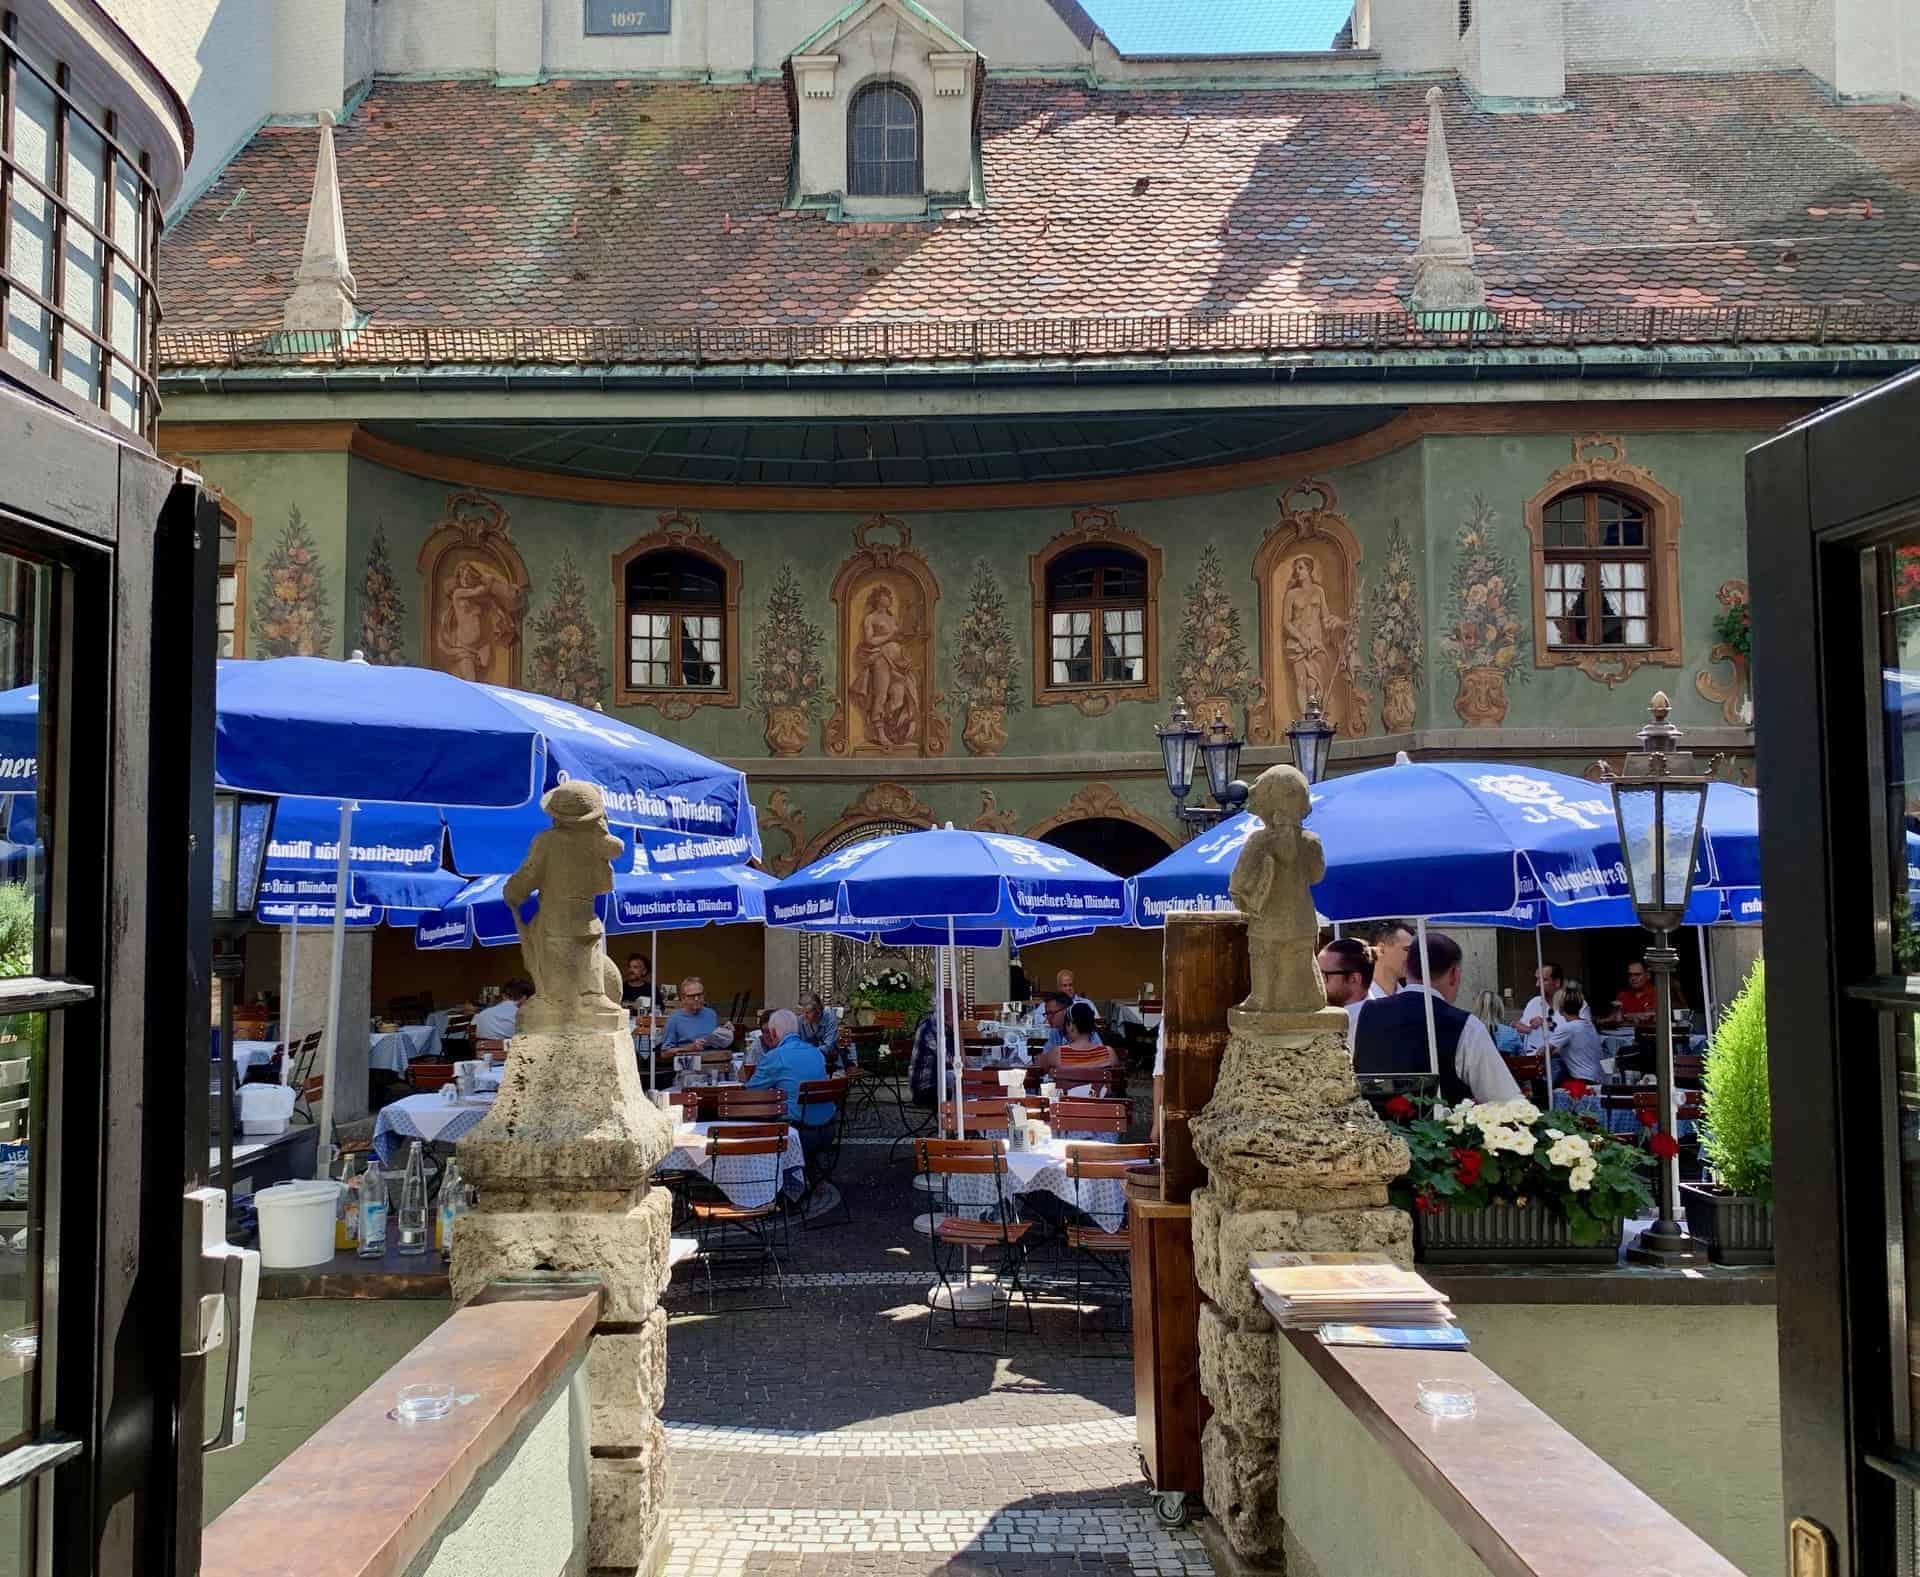 München_Augustiner_Restaurant_Neuhauserstrasse_Innenhof_Biergarten